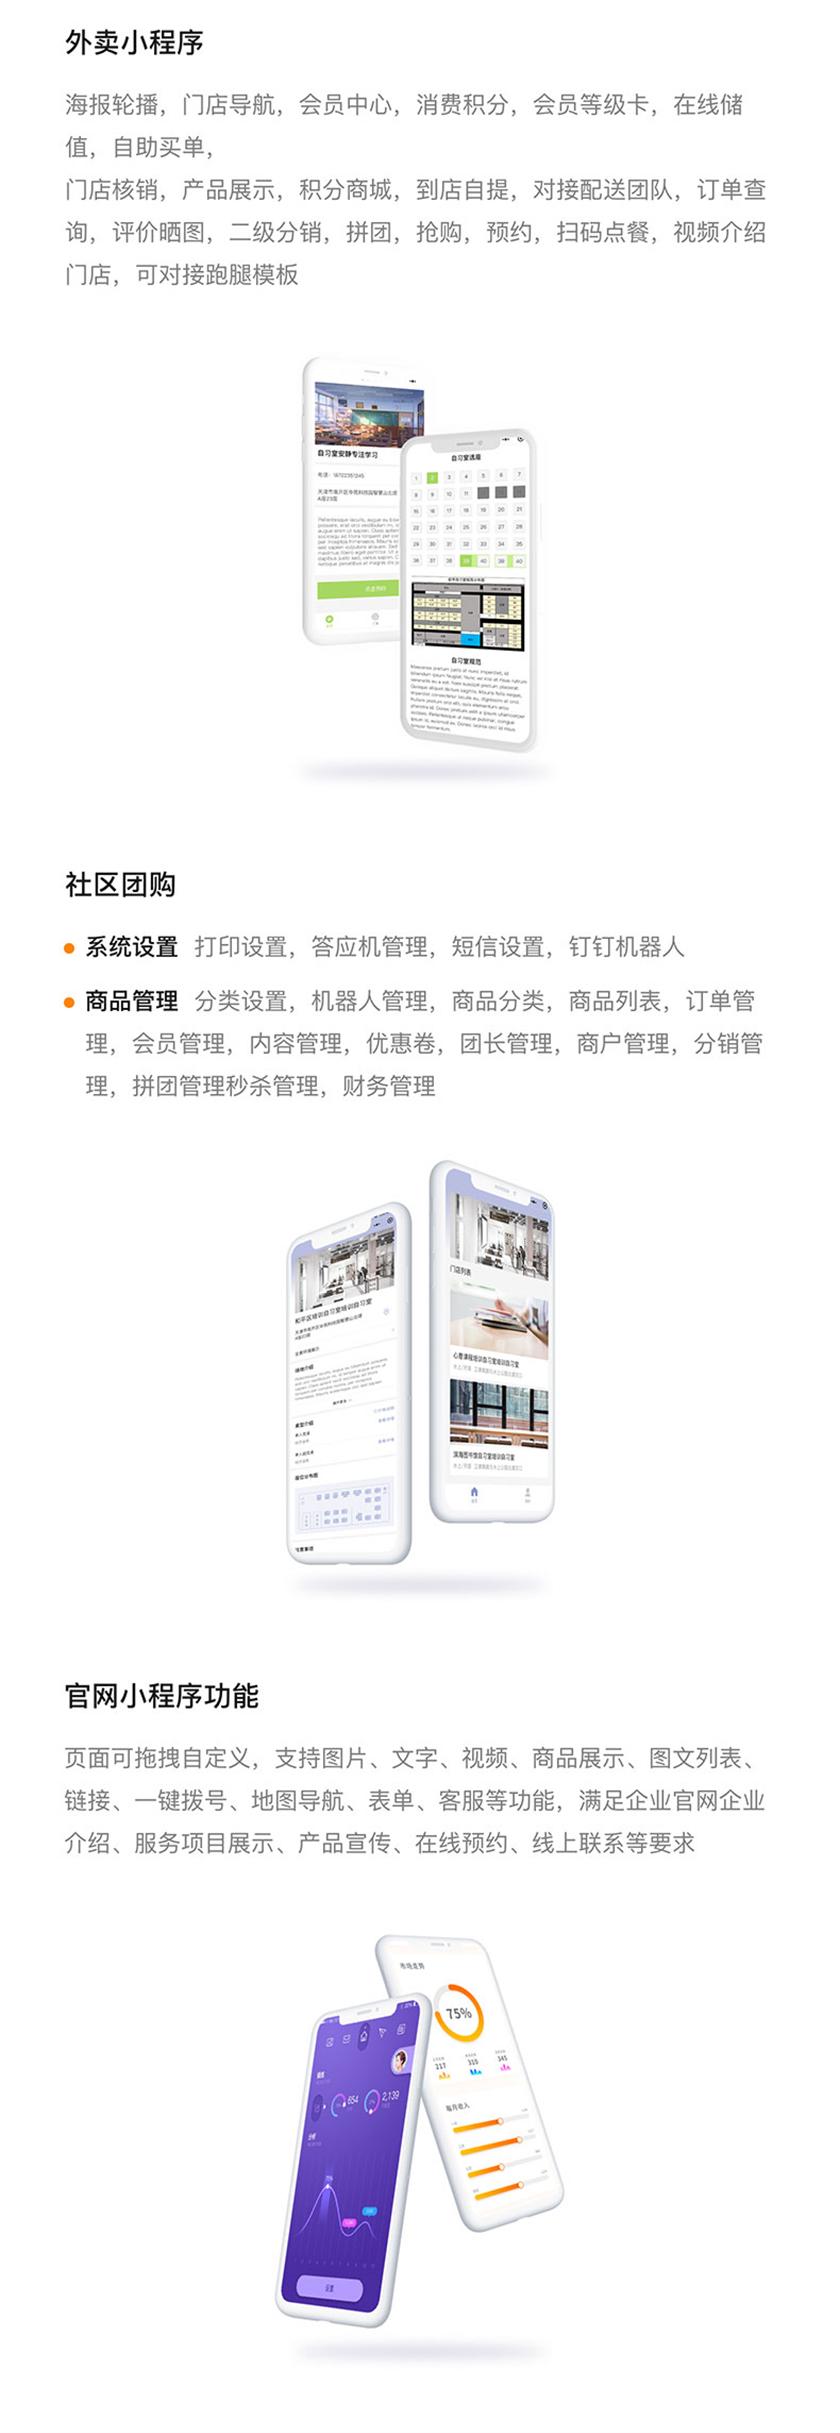 _语音识别软件开发制作智慧农场分销系统竞拍源码花生日记app4